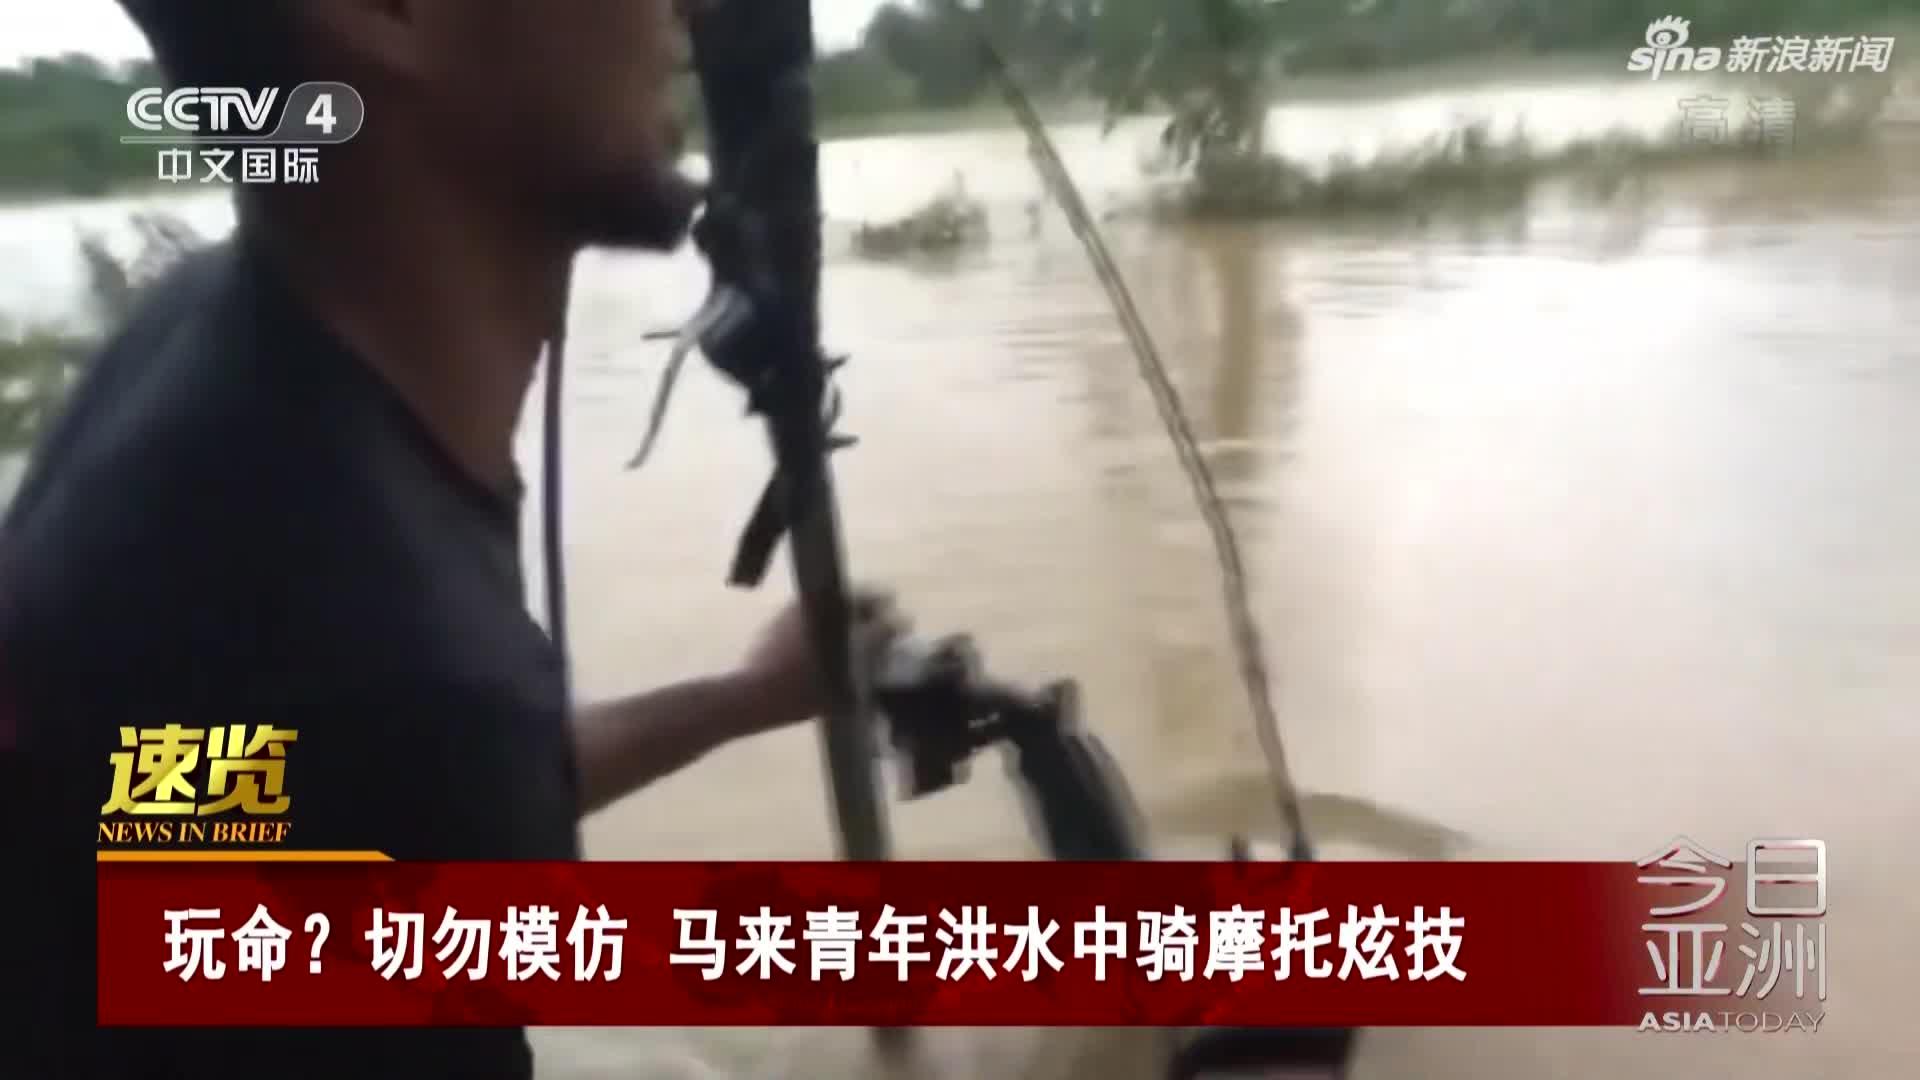 视频-玩命?切勿模仿  马来青年洪水中骑摩托炫技